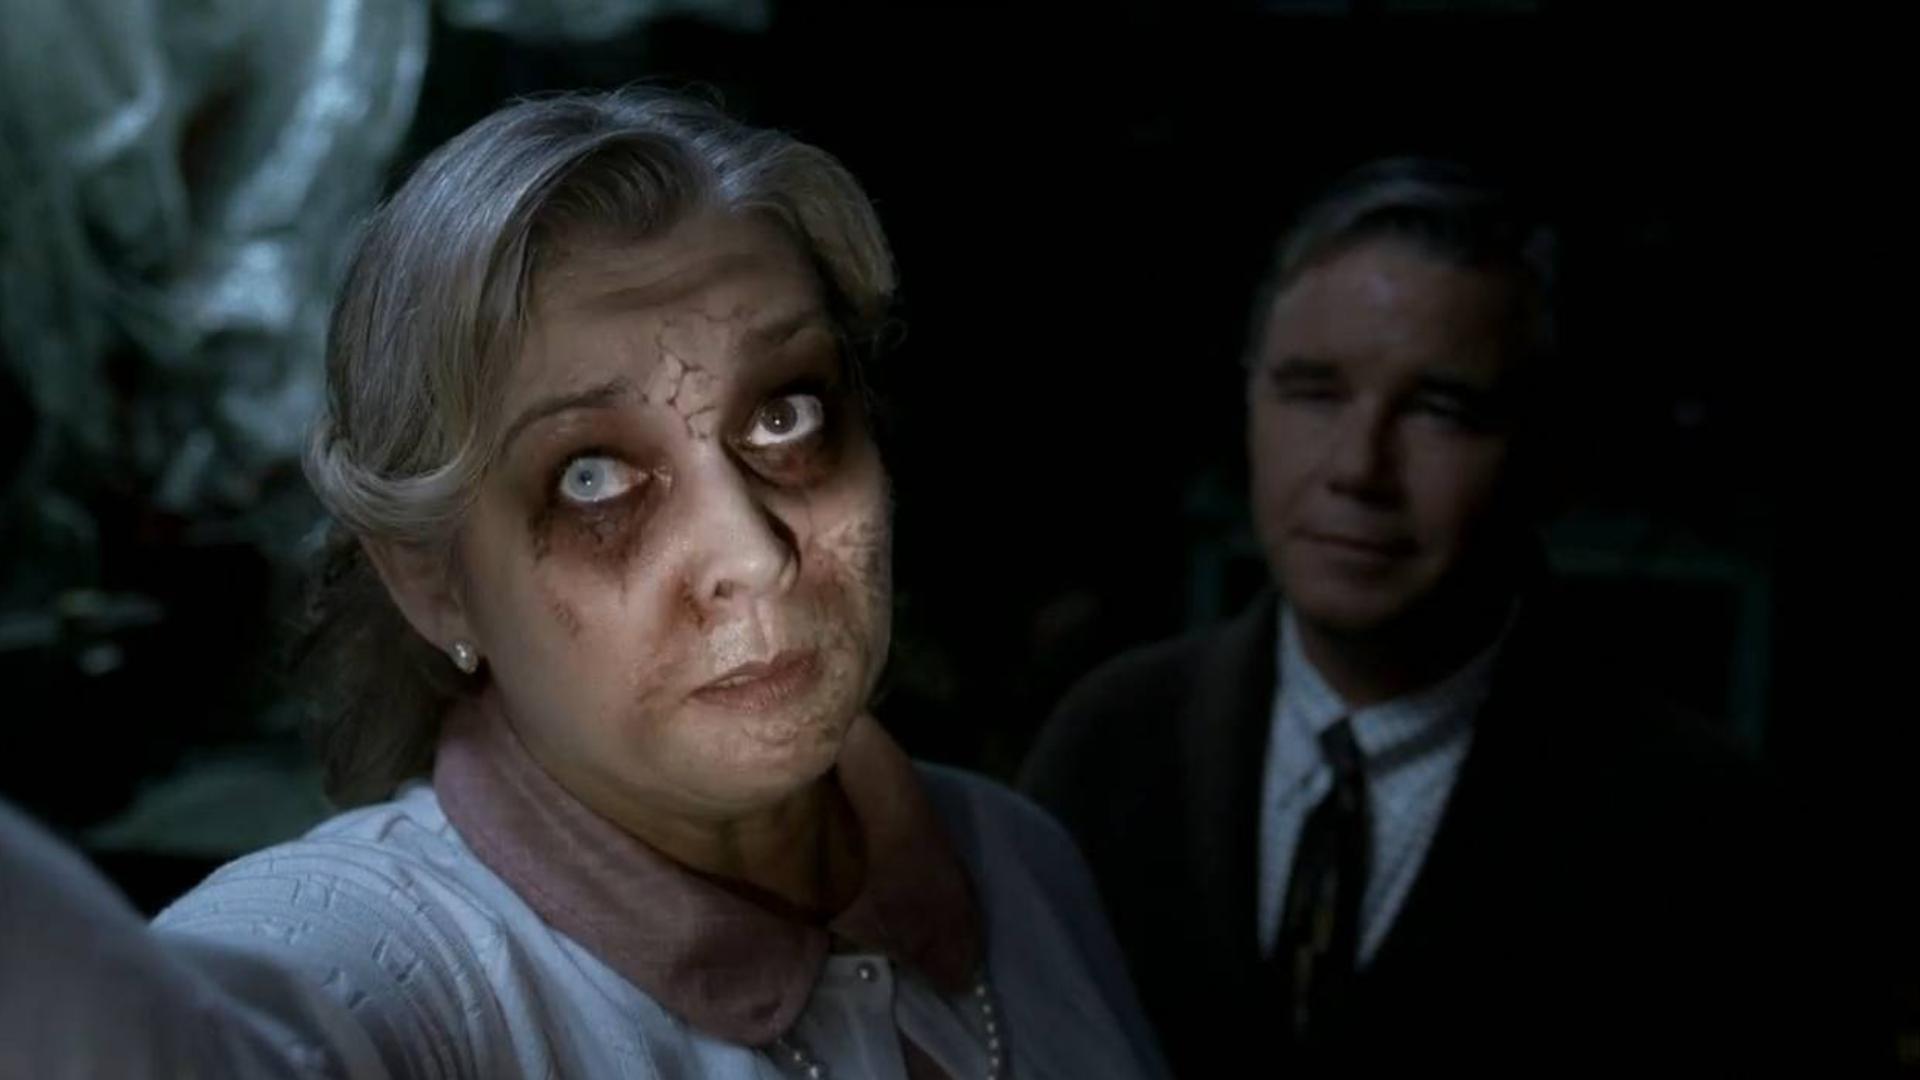 美剧《邪恶力量》第三季08:圣诞老人竟是异教邪神!